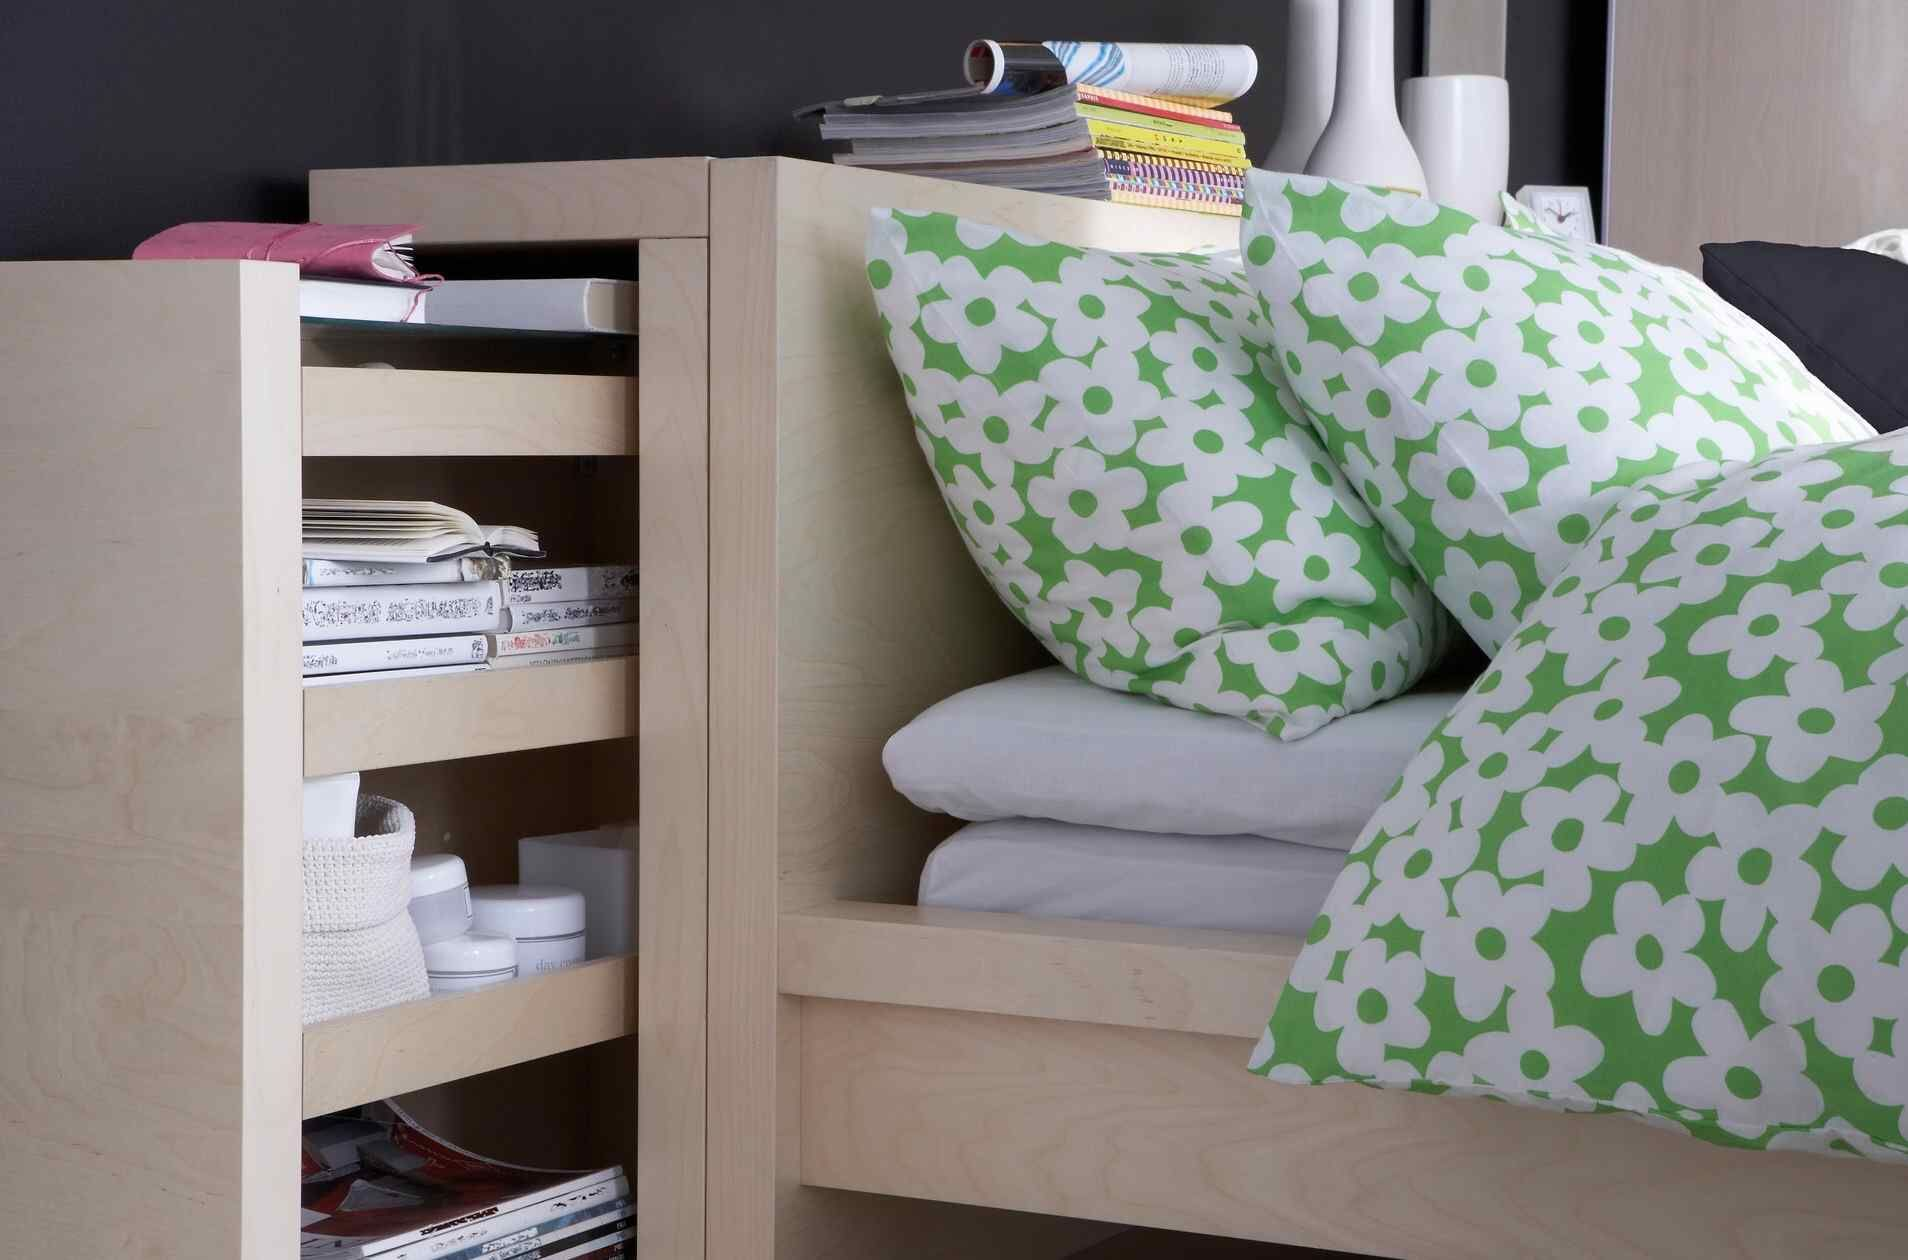 lit avec rangement integre par ikea